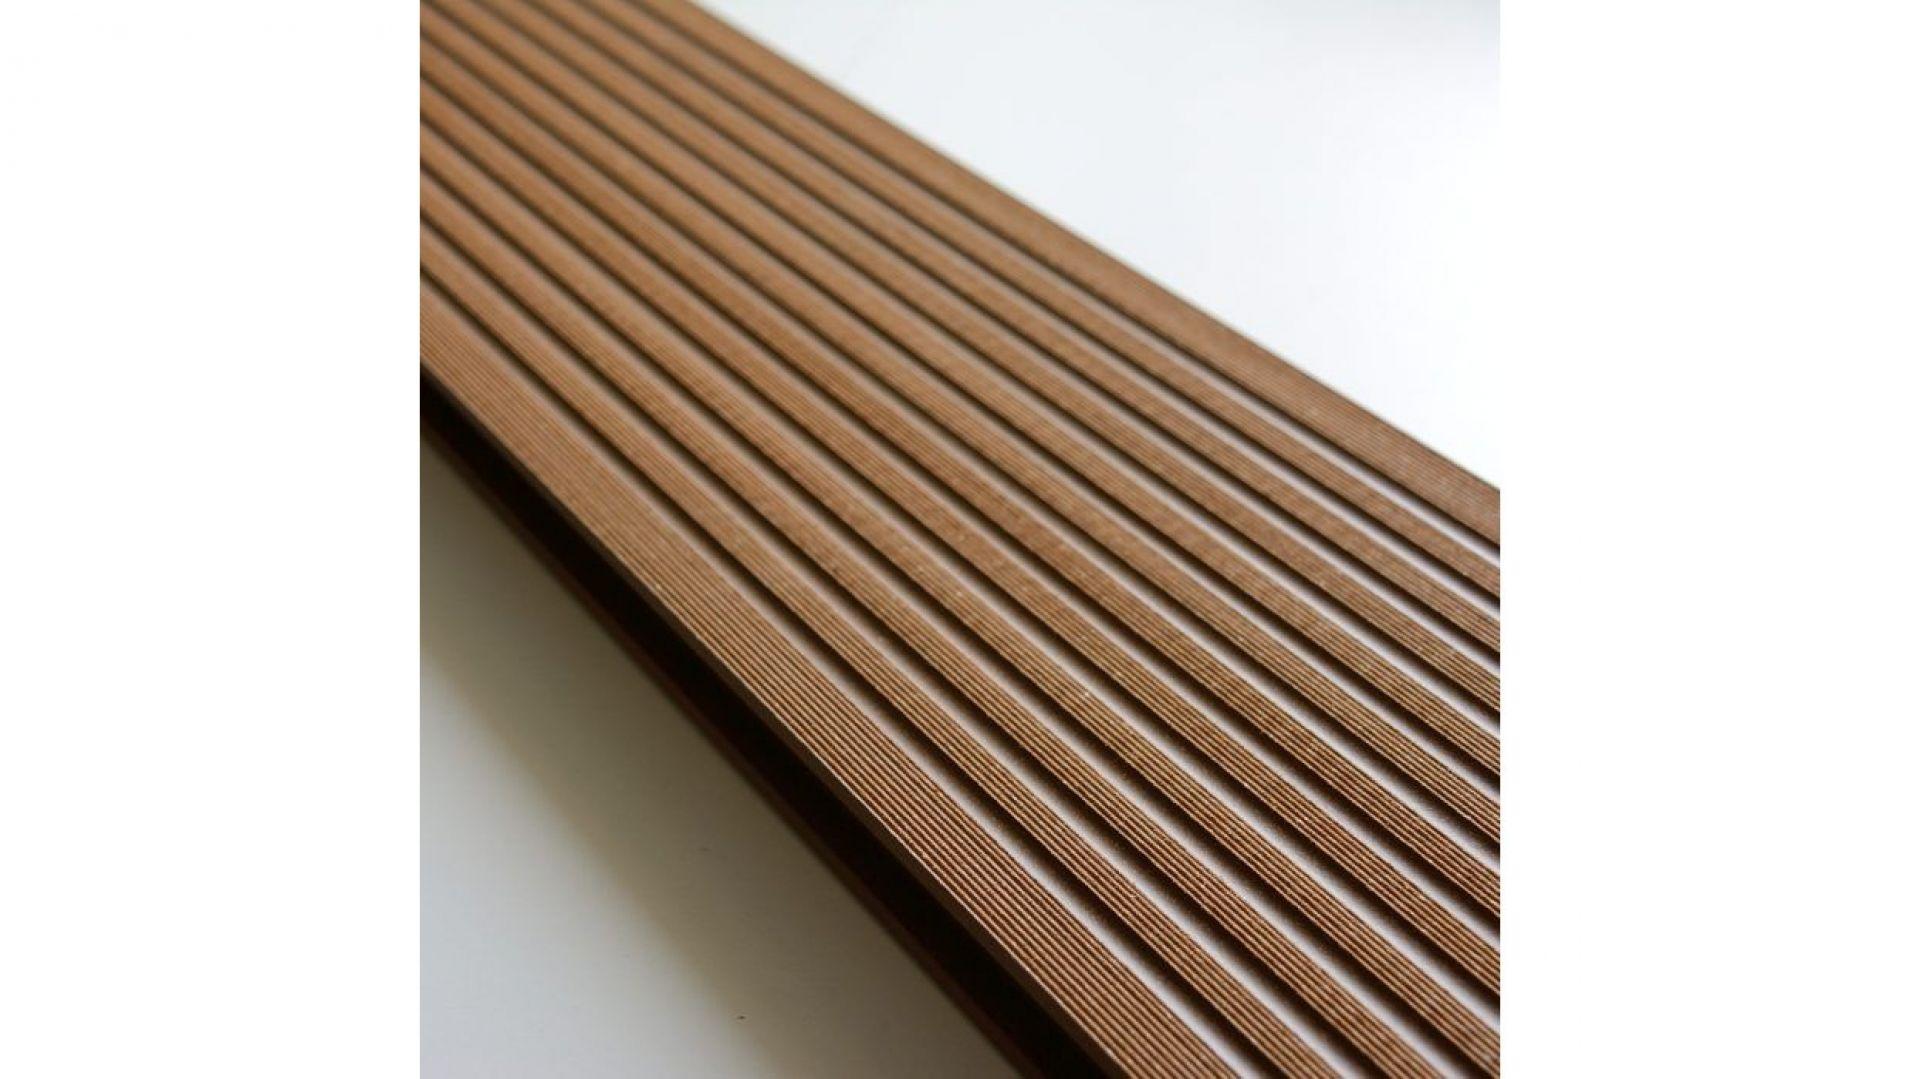 Deska Tarasowa WPC Noble Collection/Prymus. Produkt zgłoszony do konkursu Dobry Design 2020.